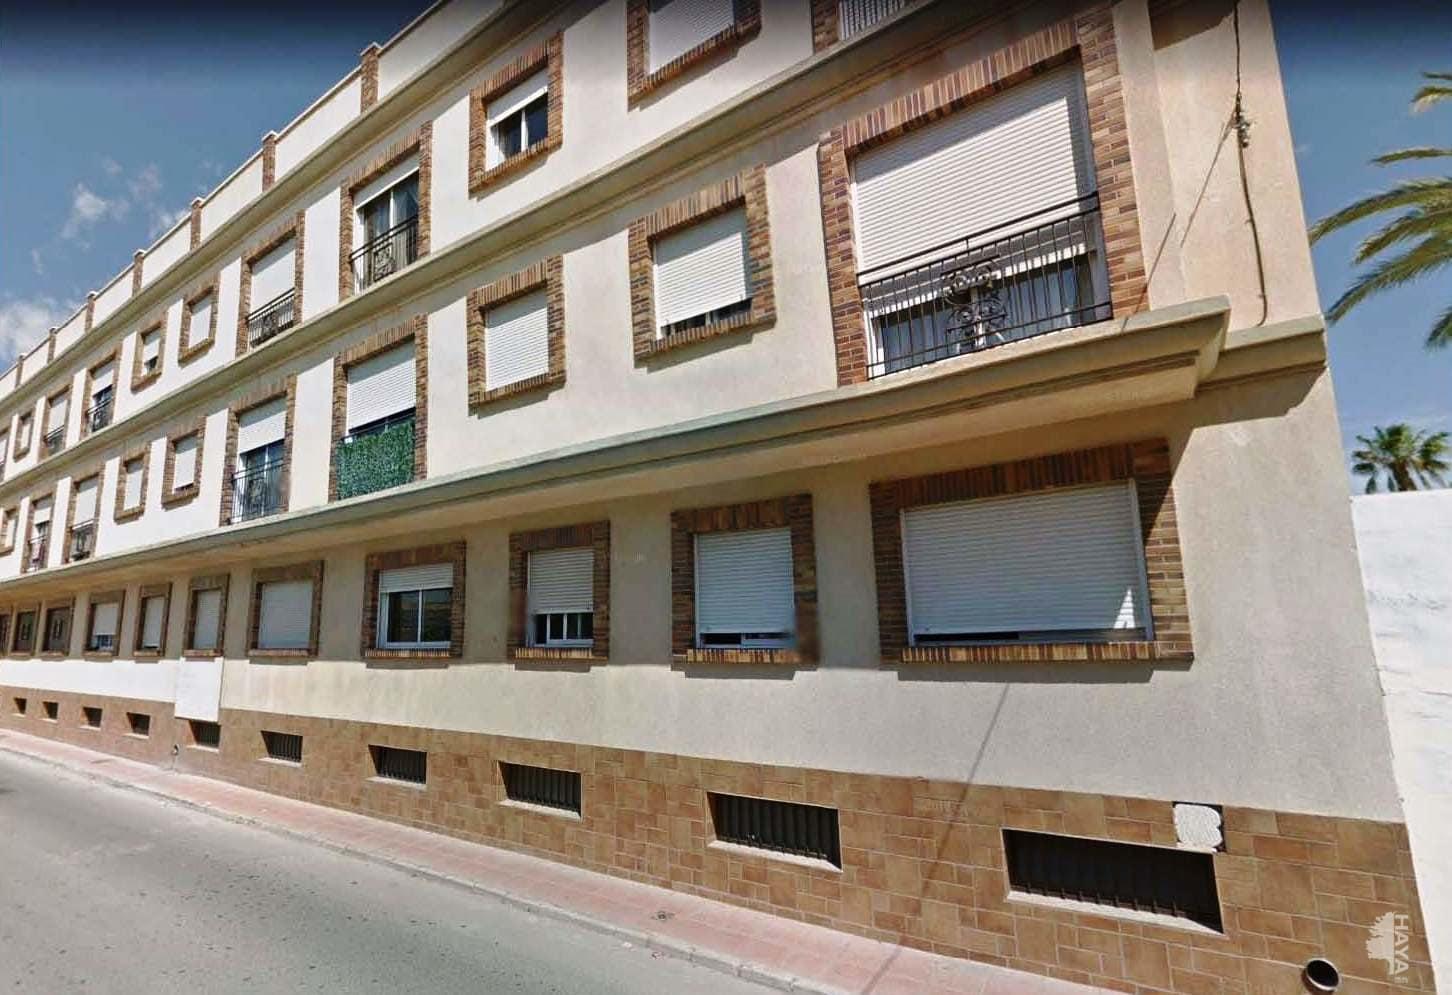 Piso en venta en El Mirador, San Javier, Murcia, Avenida Principal, 99.653 €, 3 habitaciones, 2 baños, 91 m2